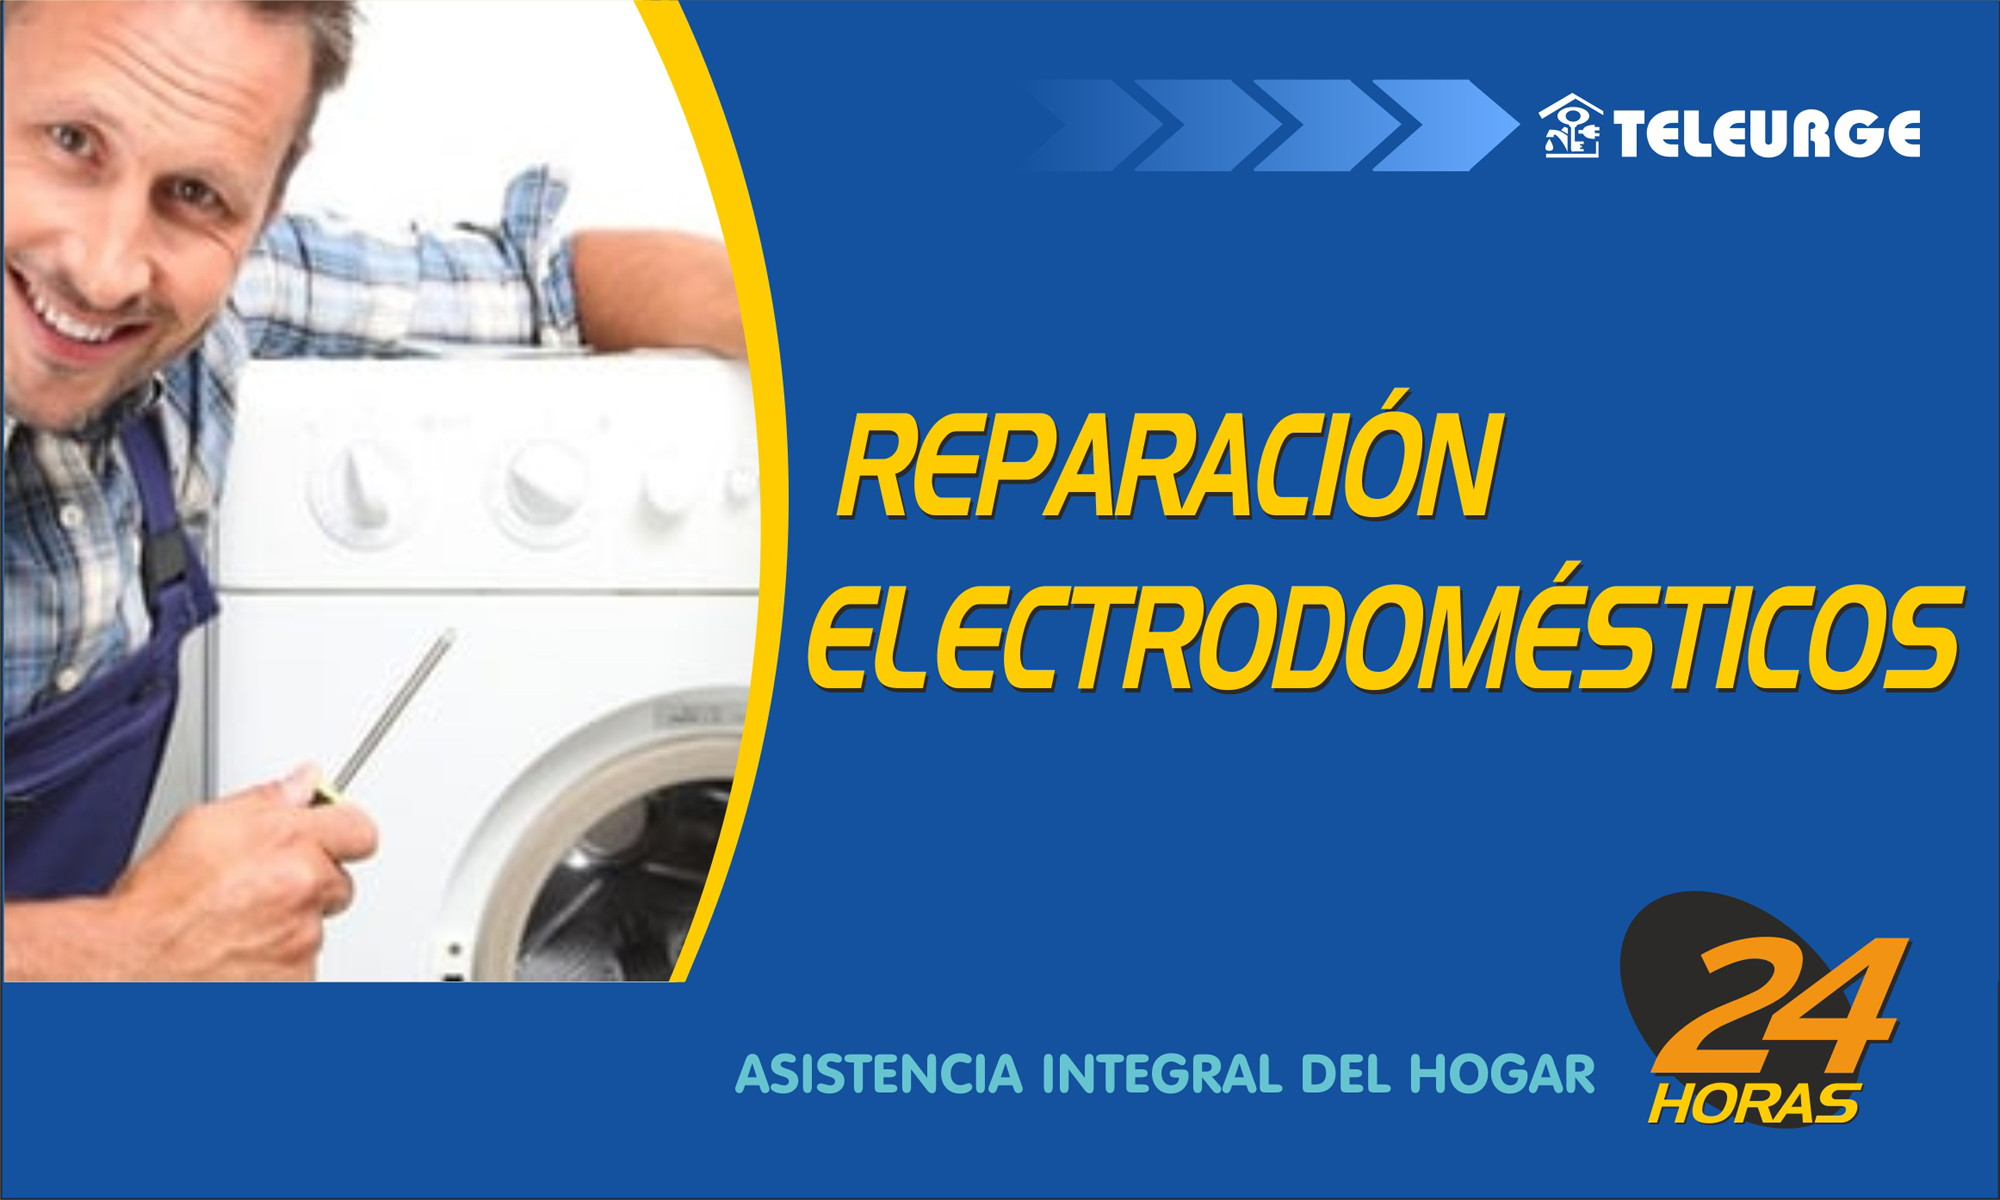 Electrodomesticos 628360733